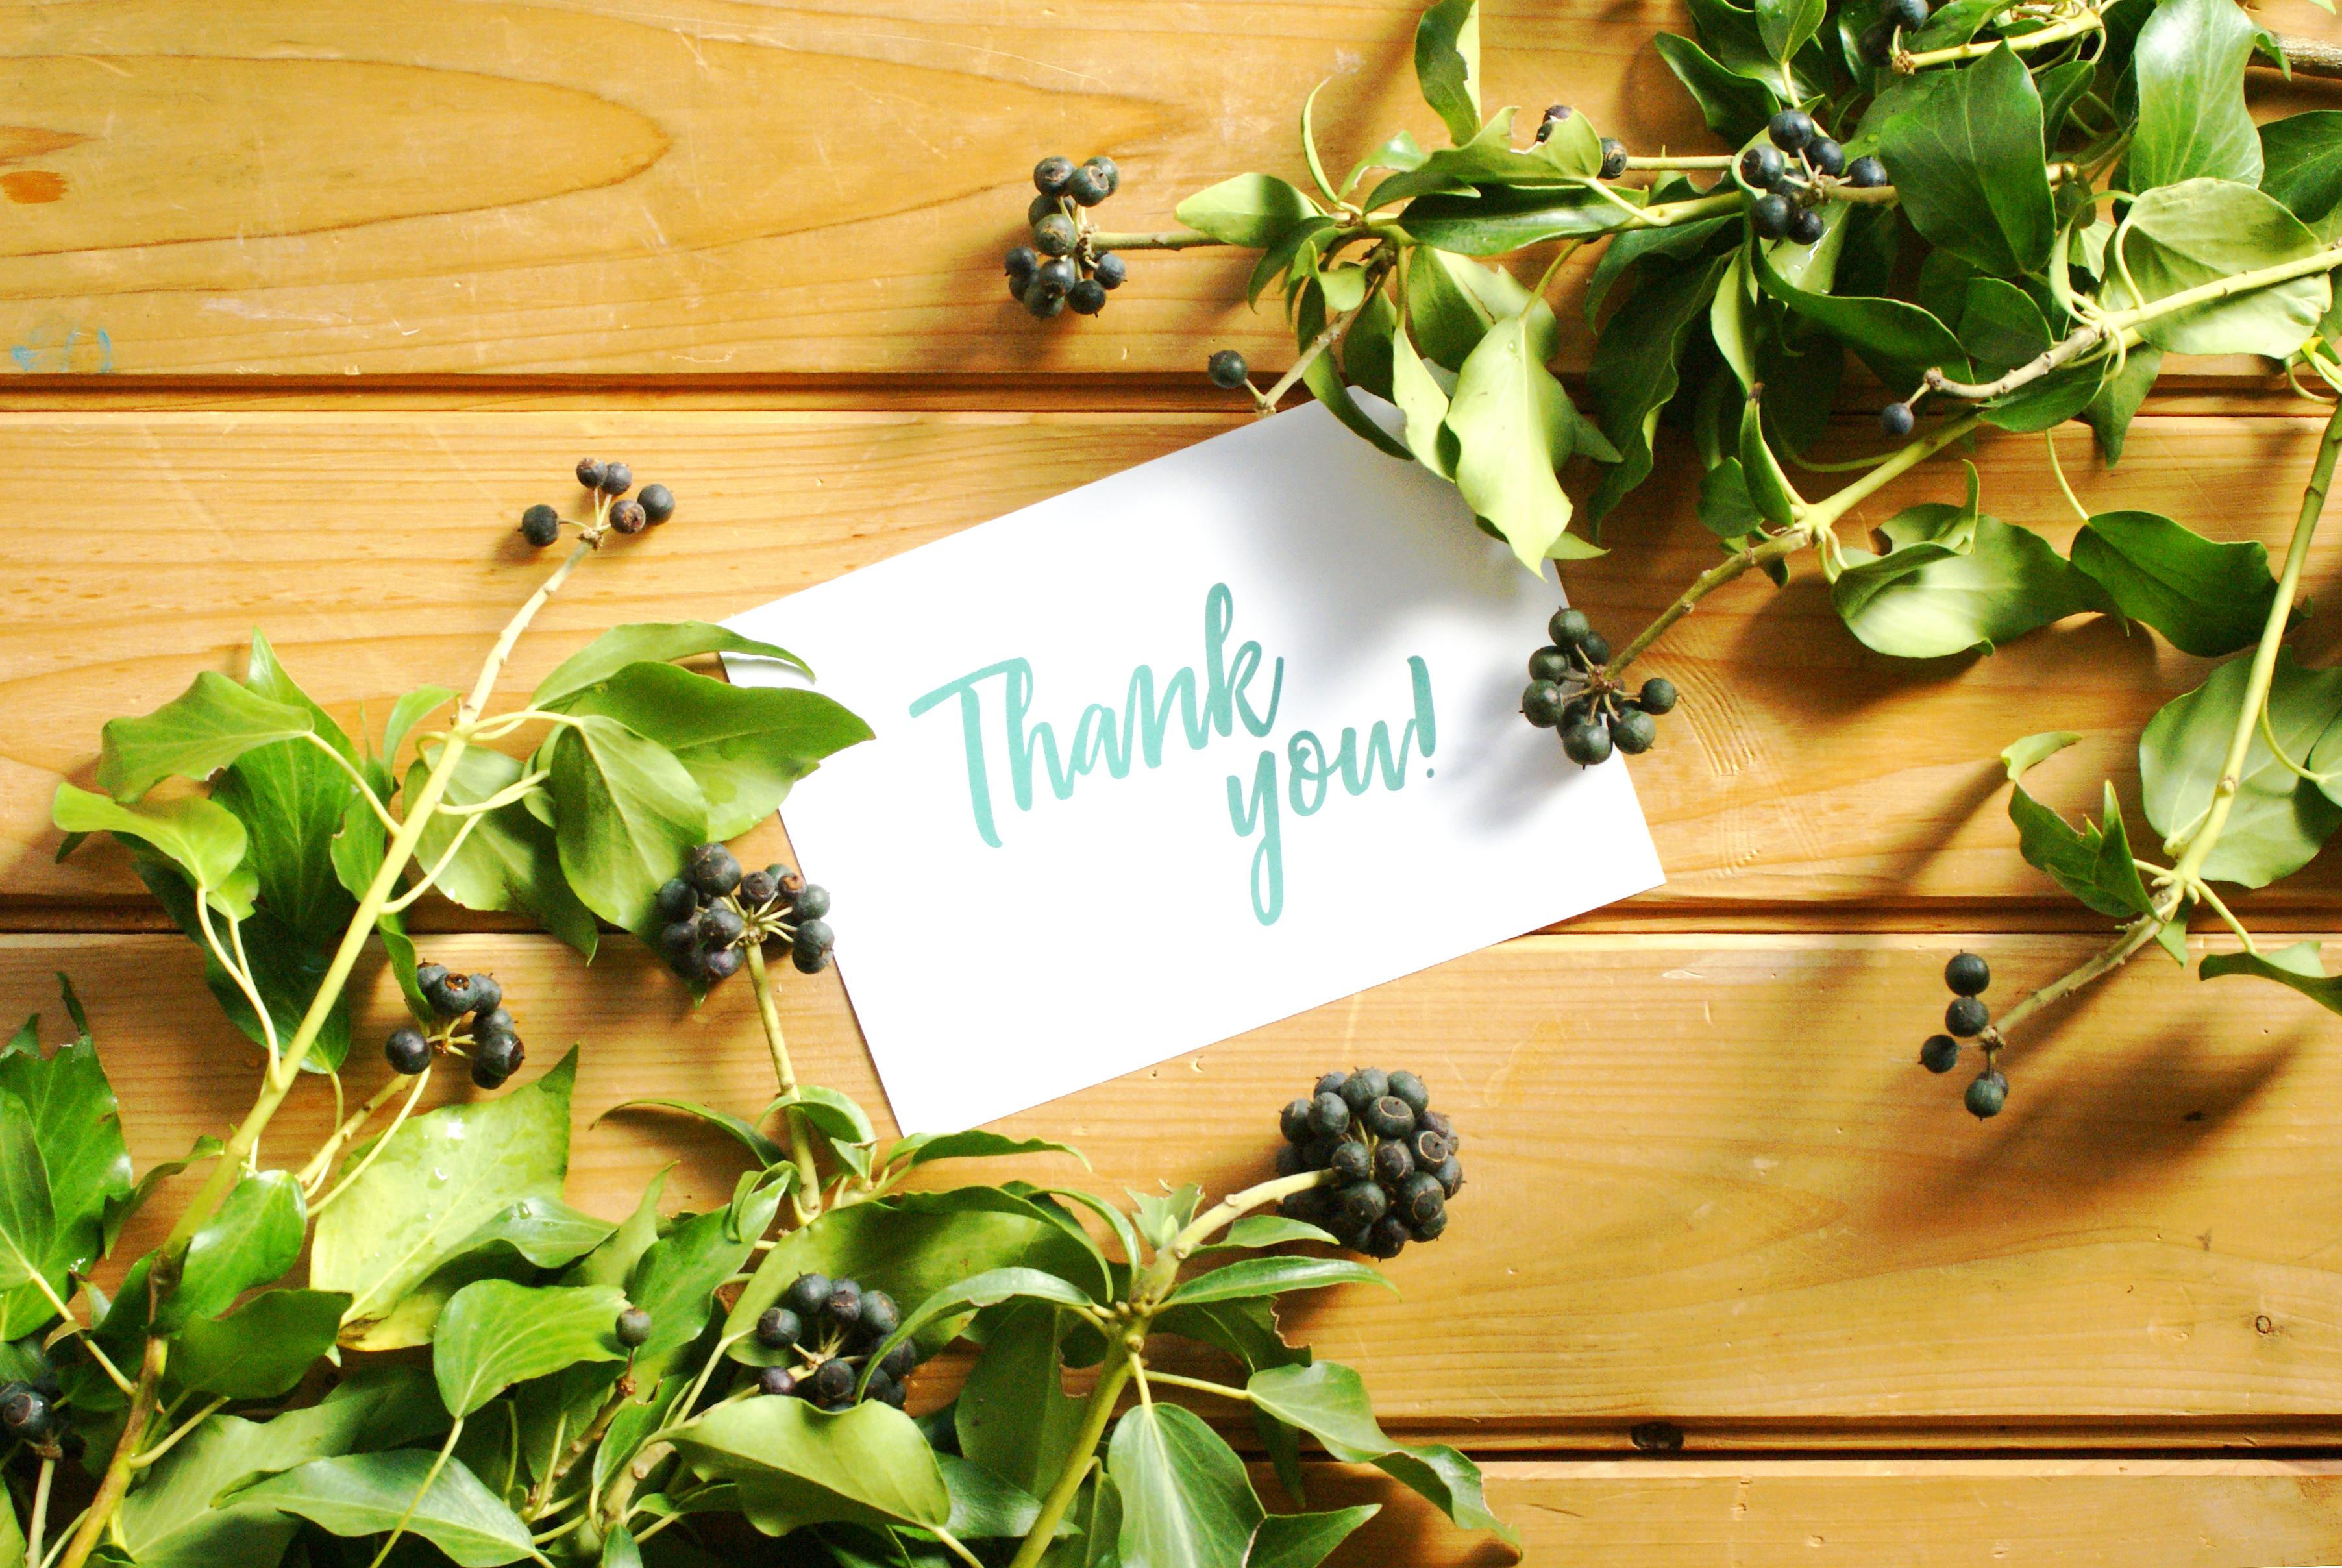 アンケートへのご協力ありがとうございました!